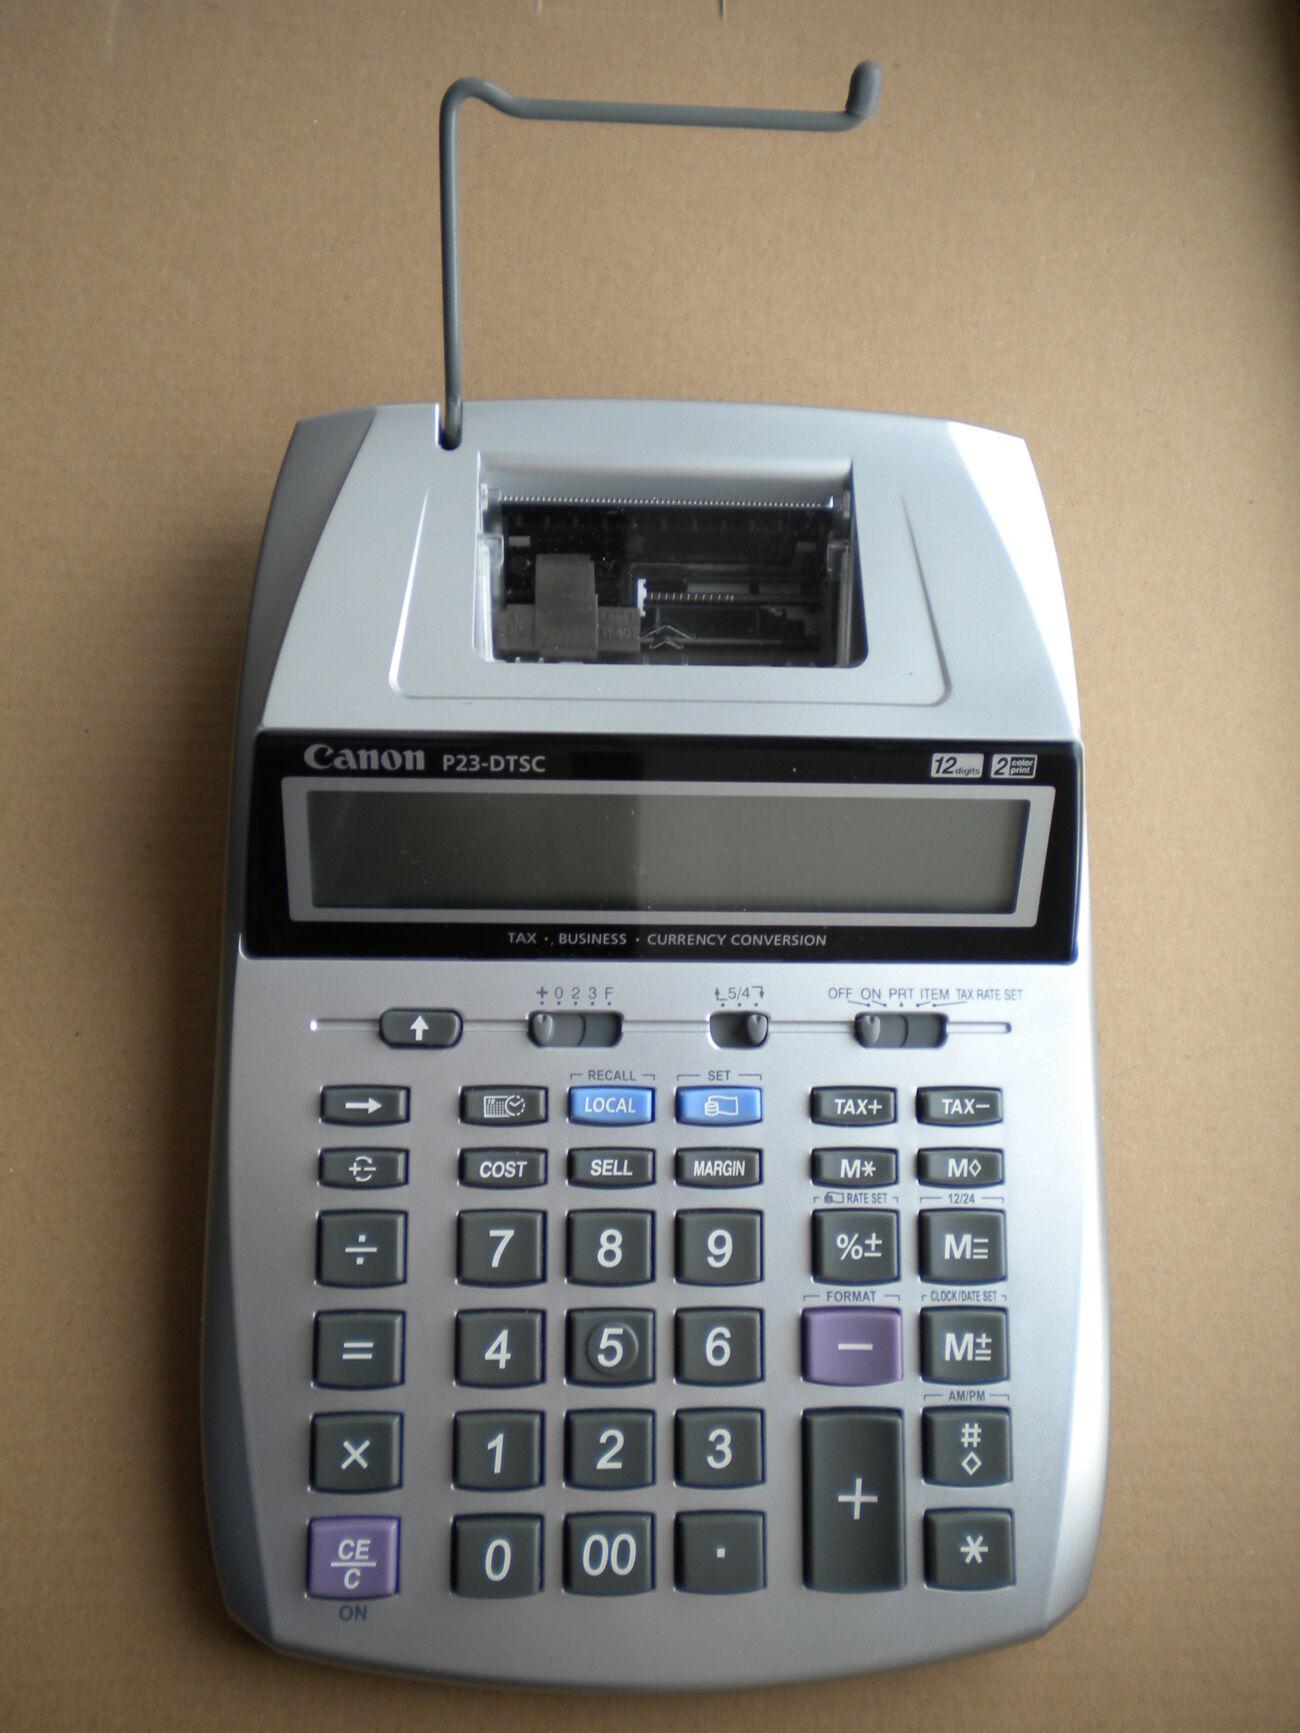 Калькулятор Canon P23-dtsc з принтером с печатью